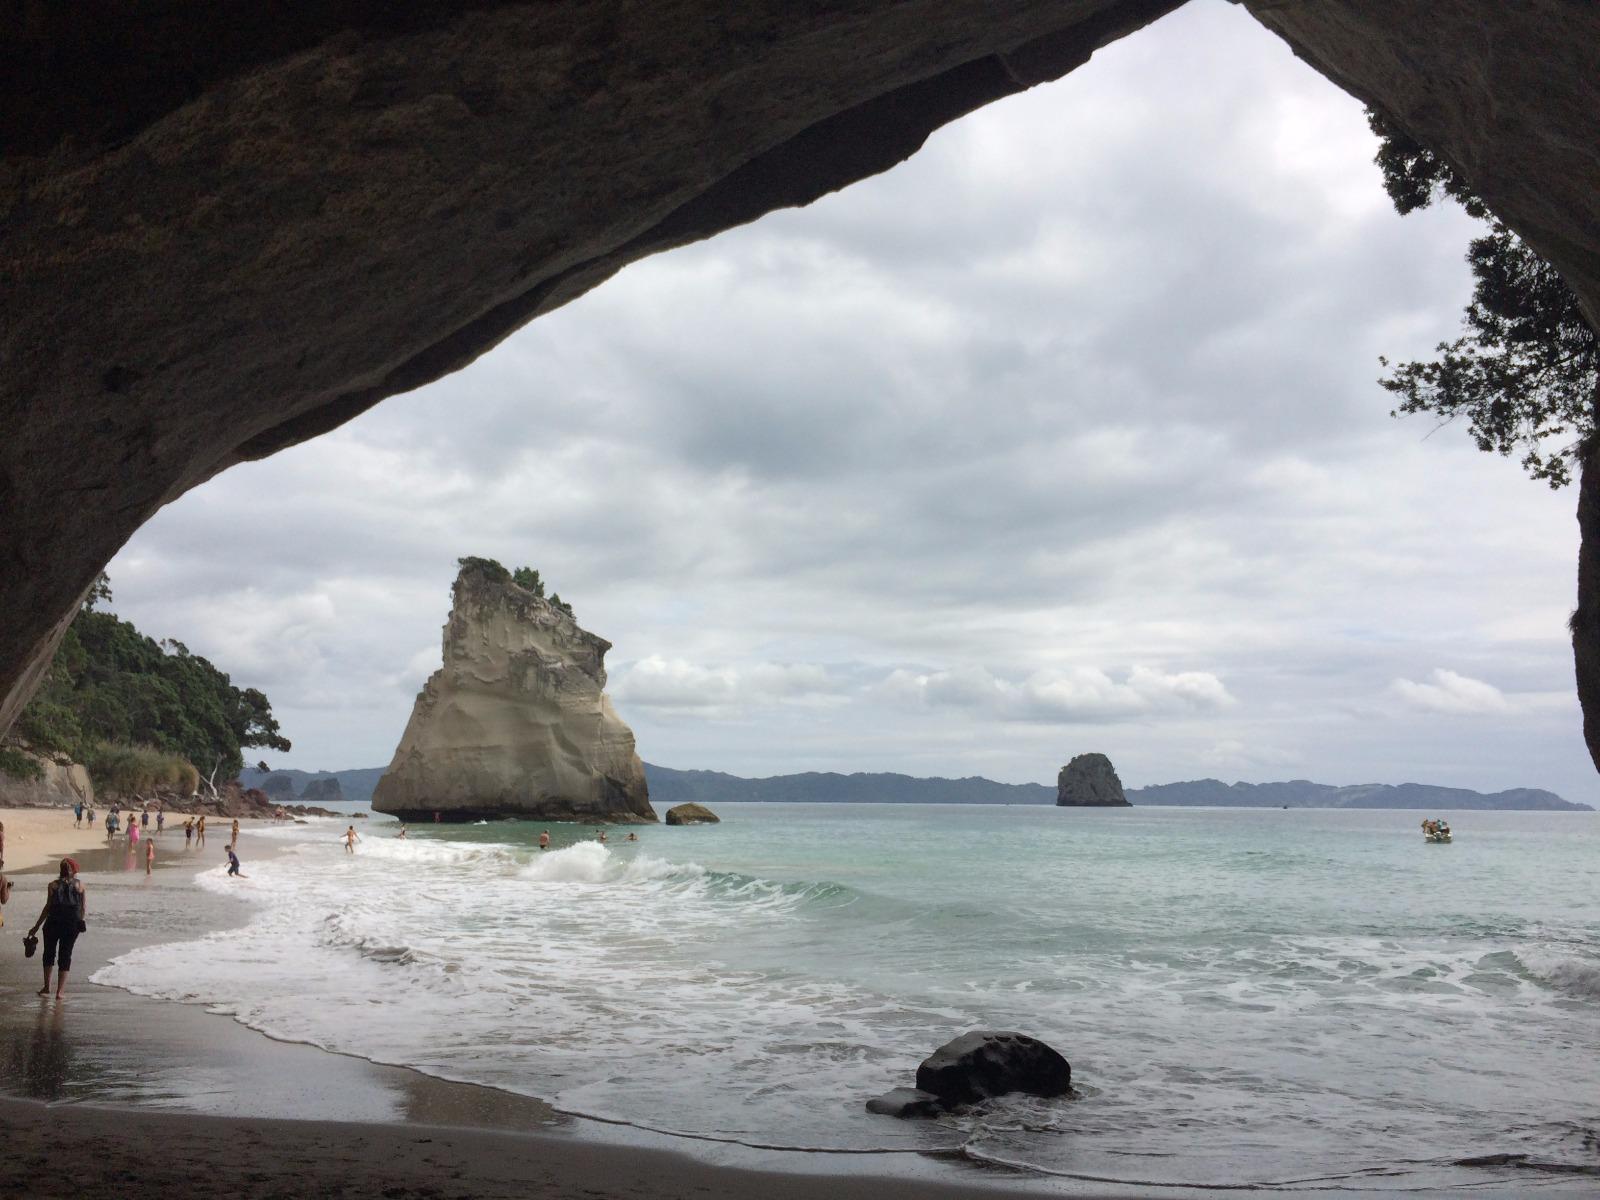 plage de l'île du nord de nouvelle-zélande